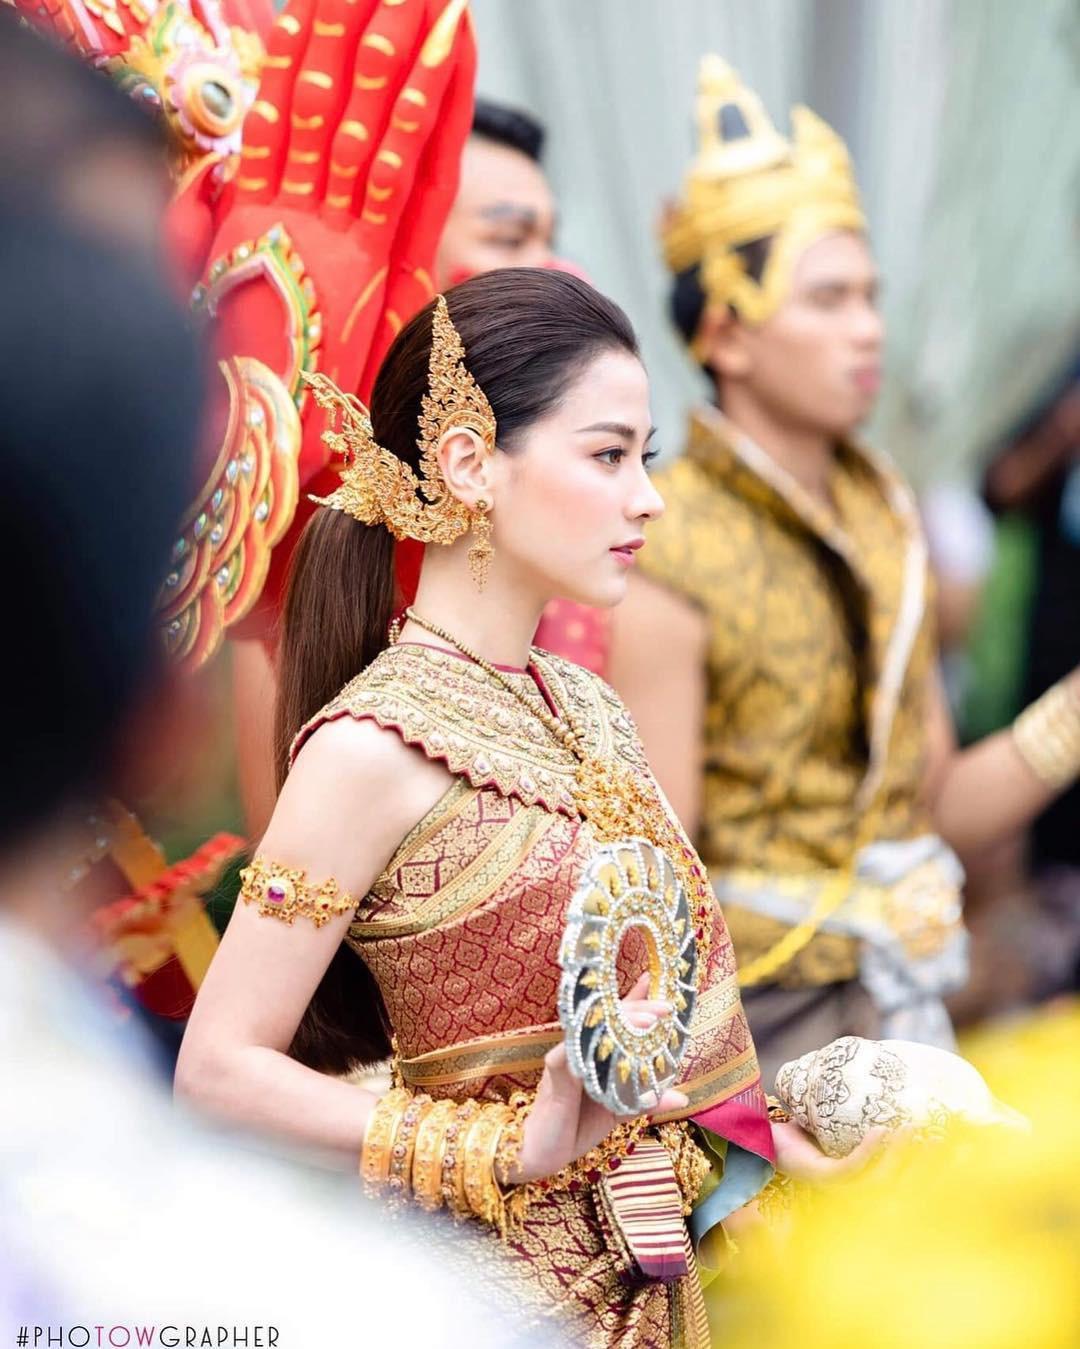 Dàn mỹ nhân đẹp nhất Tbiz hóa nữ thần tại Songkran 2019: Nữ chính Friend zone đỉnh cao nhưng có bằng 5 sao nữ này? - Ảnh 2.